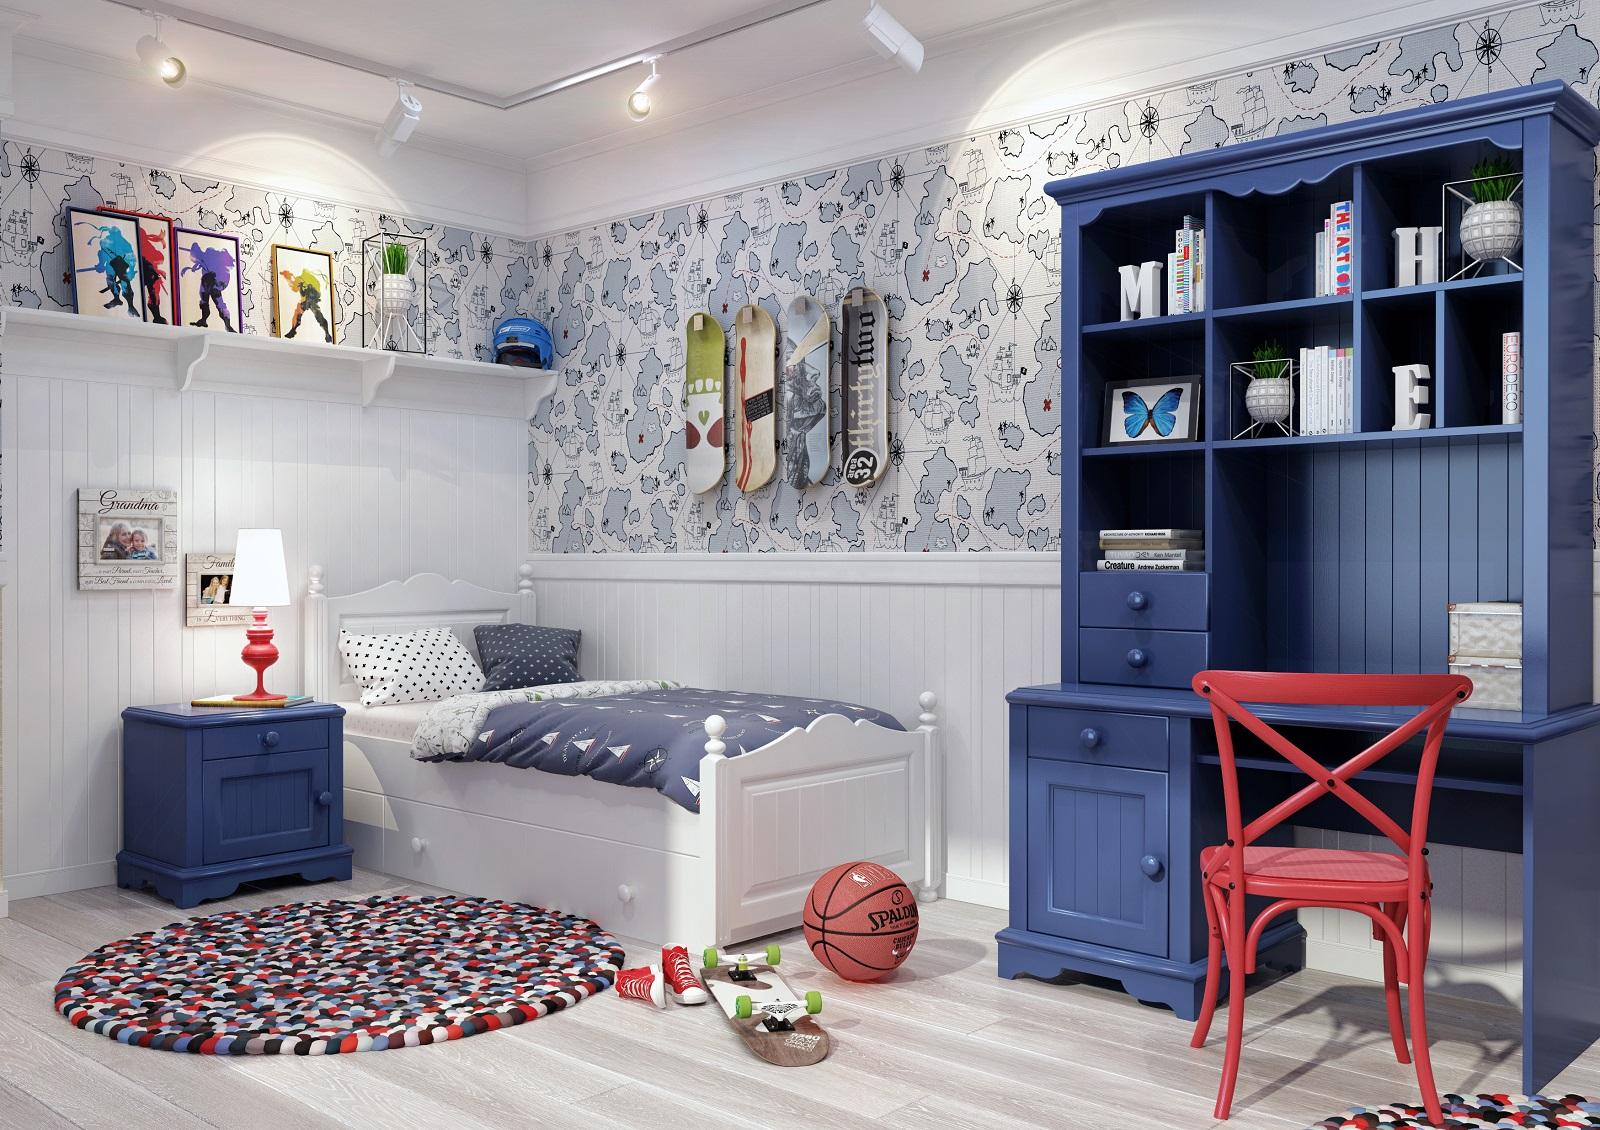 Full Size of Kinderbett Holz Wei Bett Jugendbett Luxus Provence Massiv 180x200 Baza 120x200 Weiß Betten München Mit Rückenlehne Tagesdecke Einzelbett Jabo Ebay Ohne Bett Luxus Bett